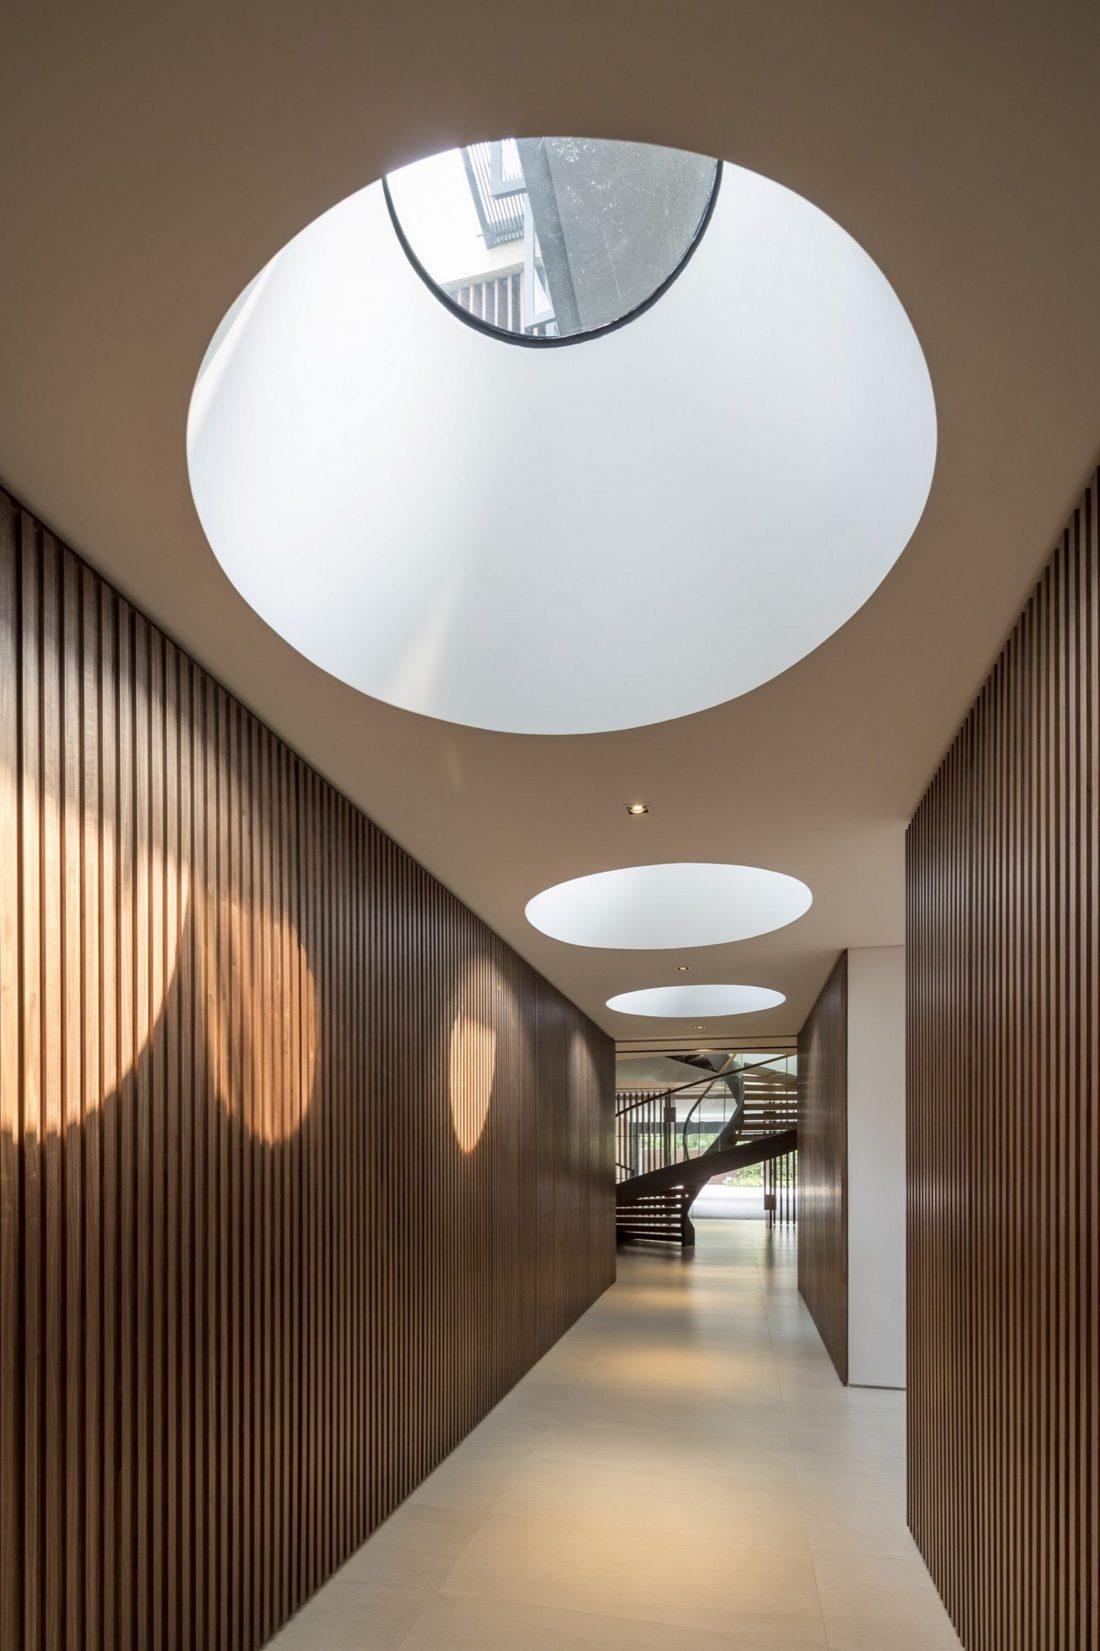 dom-s-sekretnym-sadom-proekt-studii-wallflower-architecture-4